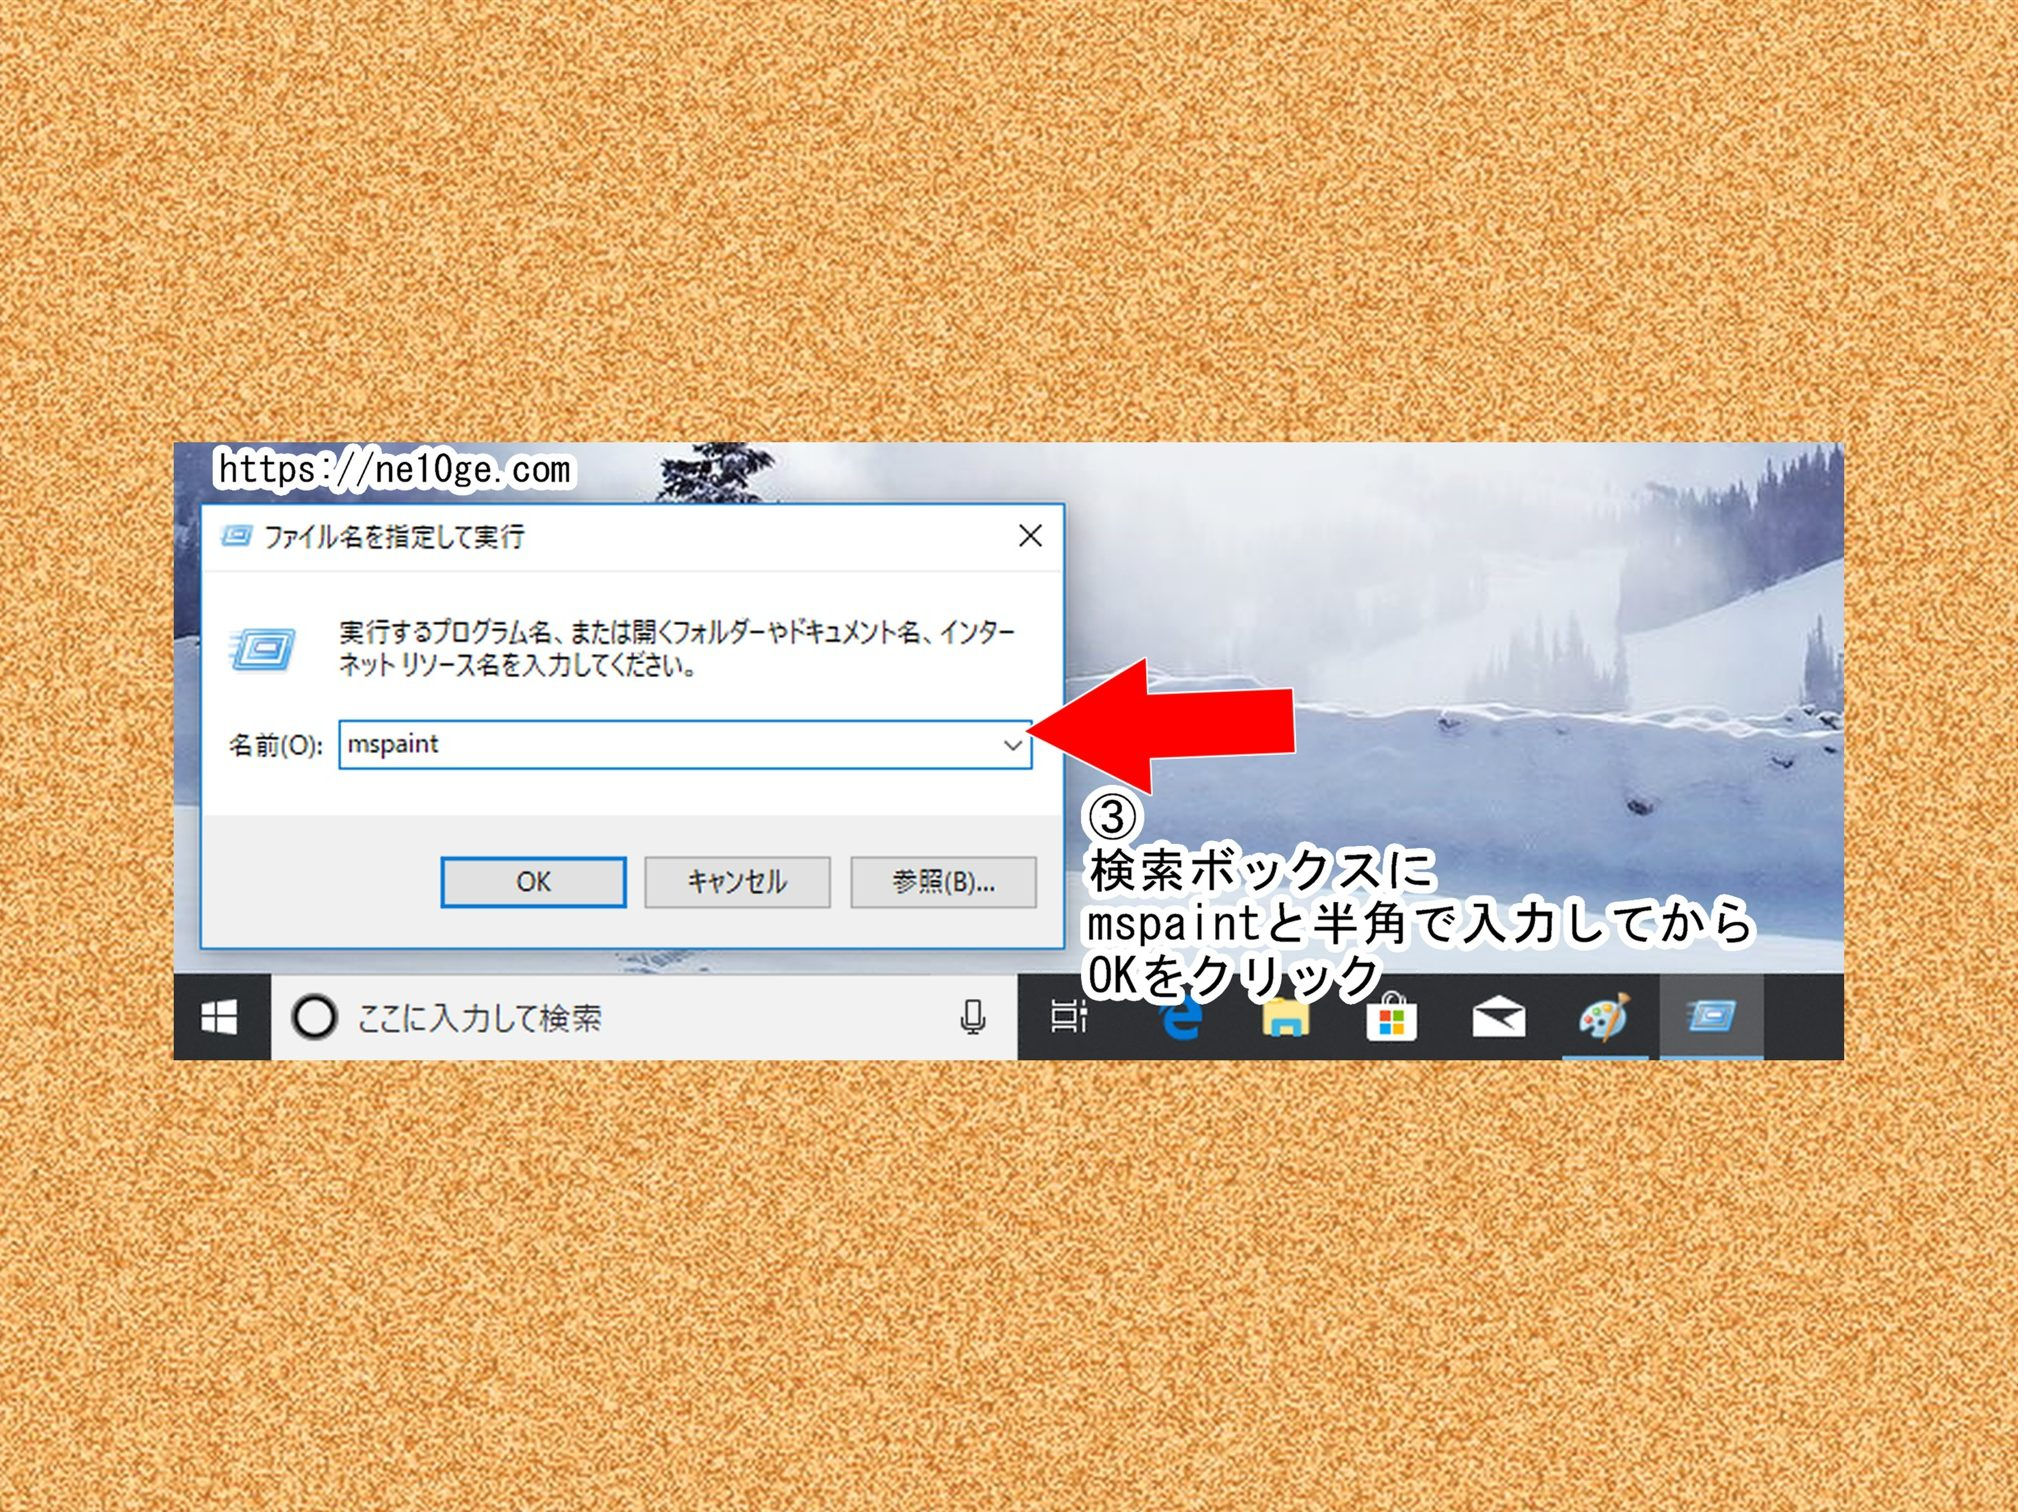 ファイル名を指定して実行(R)からペイントを開く